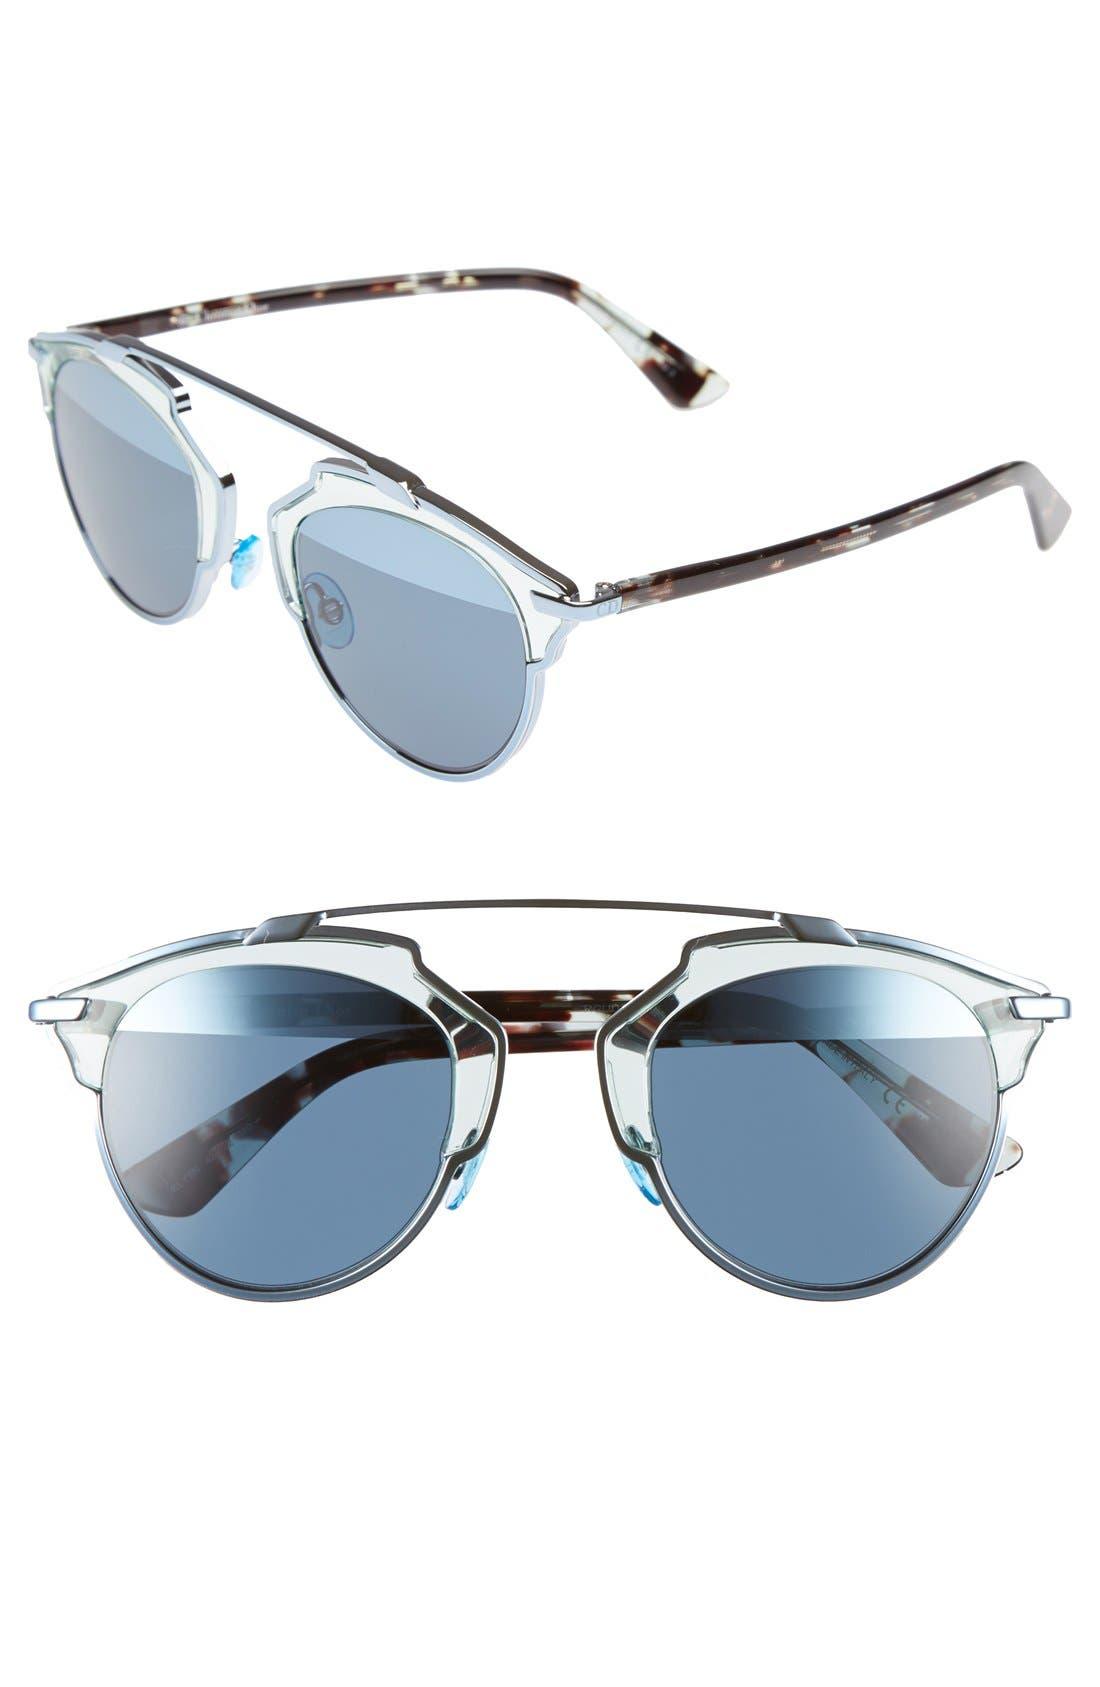 So Real 48mm Brow Bar Sunglasses,                             Main thumbnail 16, color,